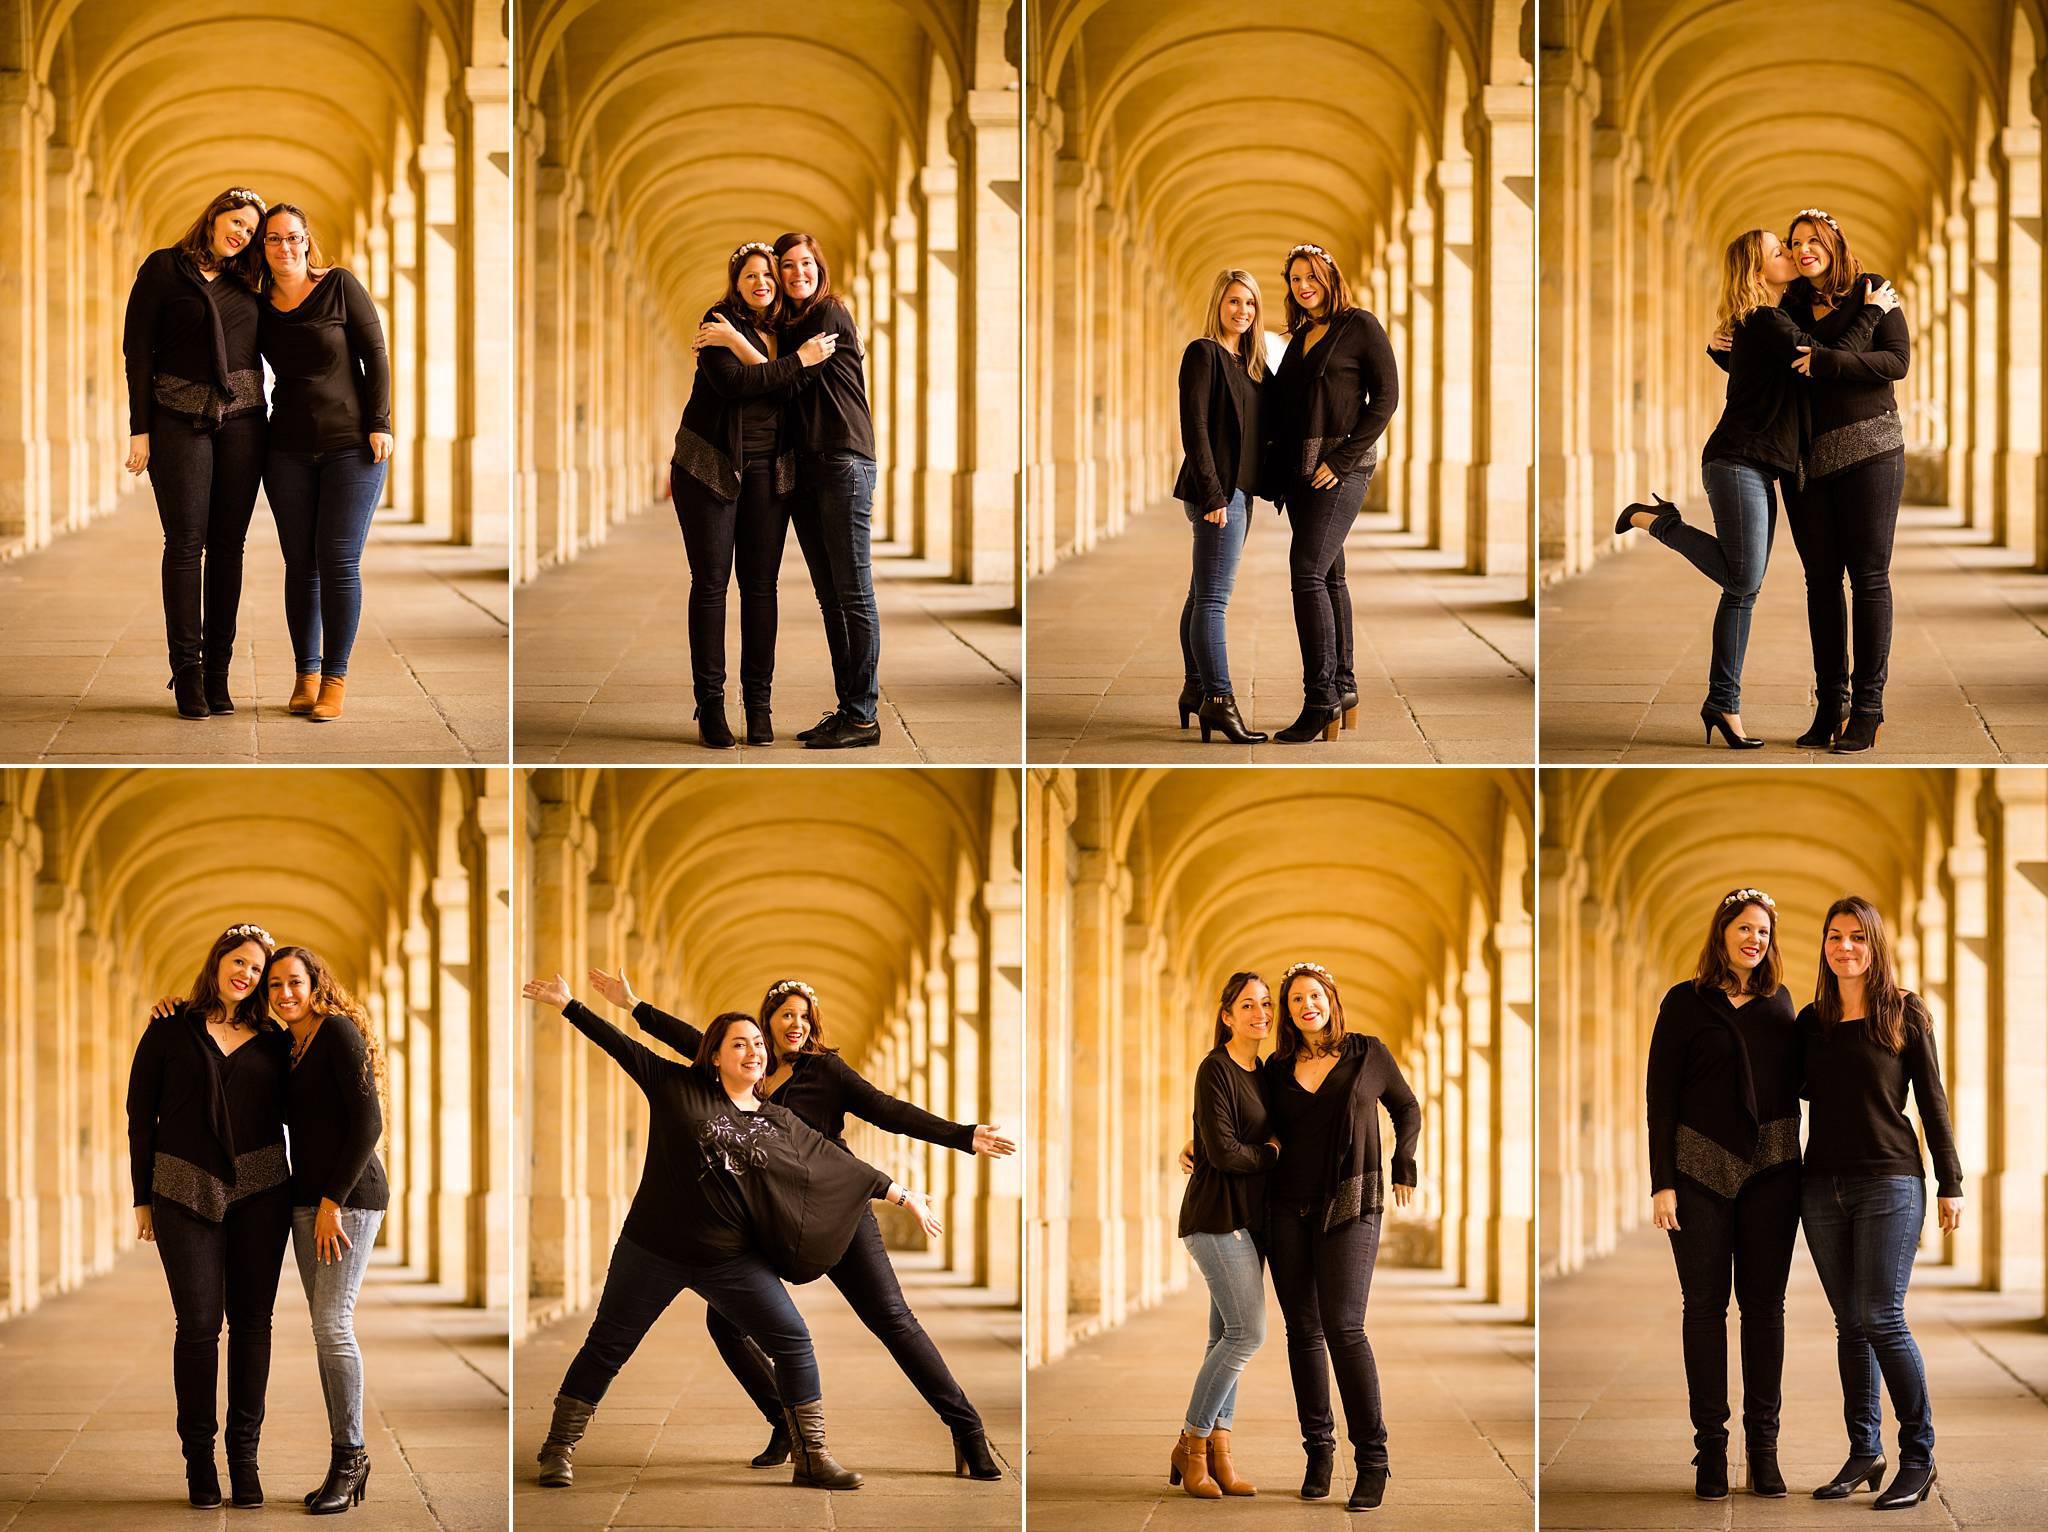 Les photos funs et naturelles de l'EVJF de Charlotte et ses 8 amies à Bordeaux centre et ses quais ! Alexandre Roschewitz, Photographe EVJF Bordeaux